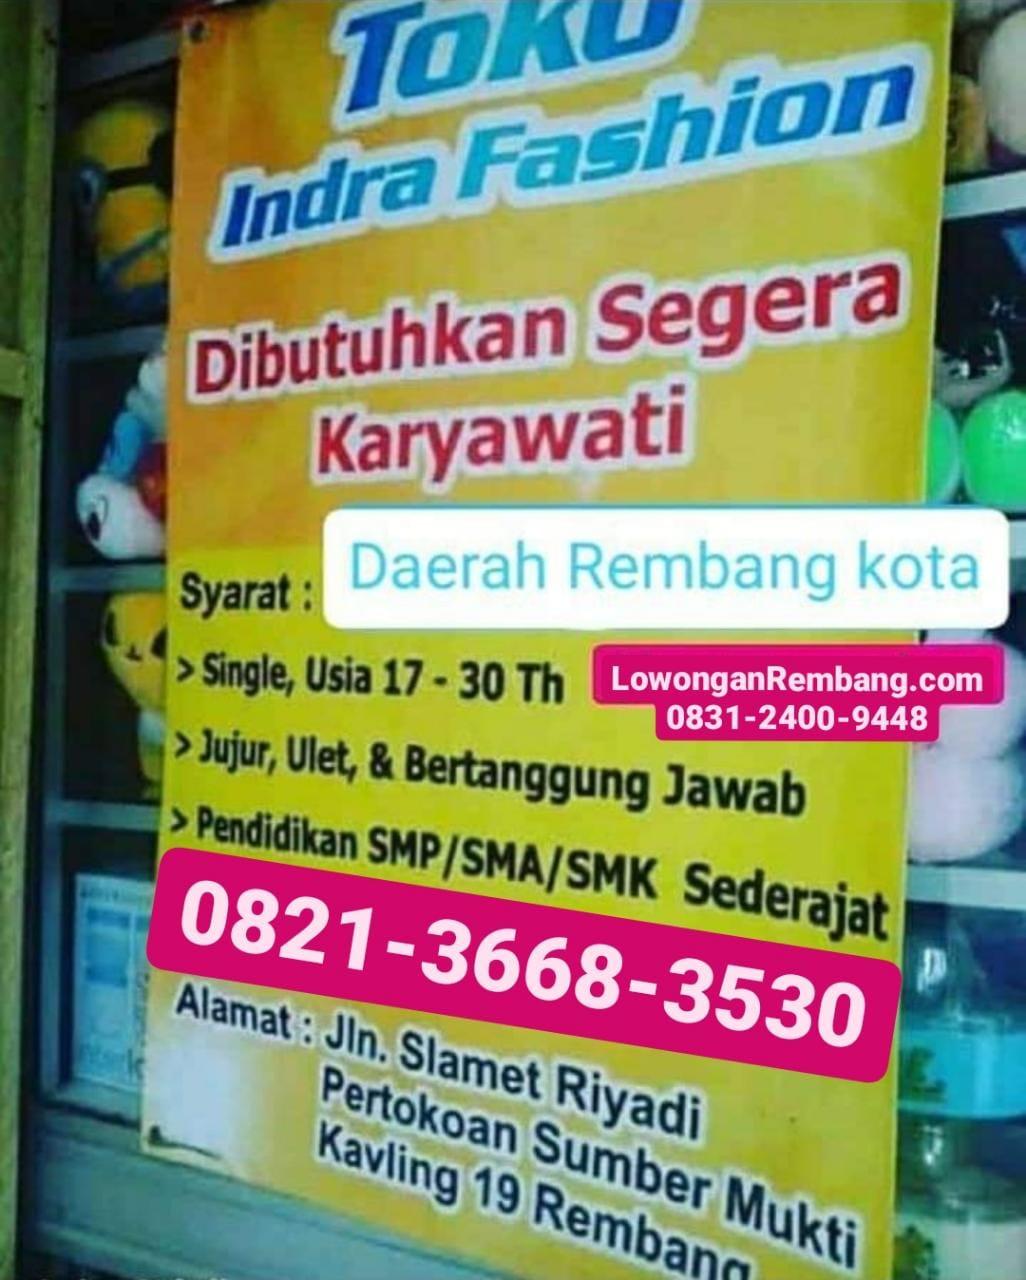 Lowongan Kerja Toko Indra Fashion Sumberjo Rembang